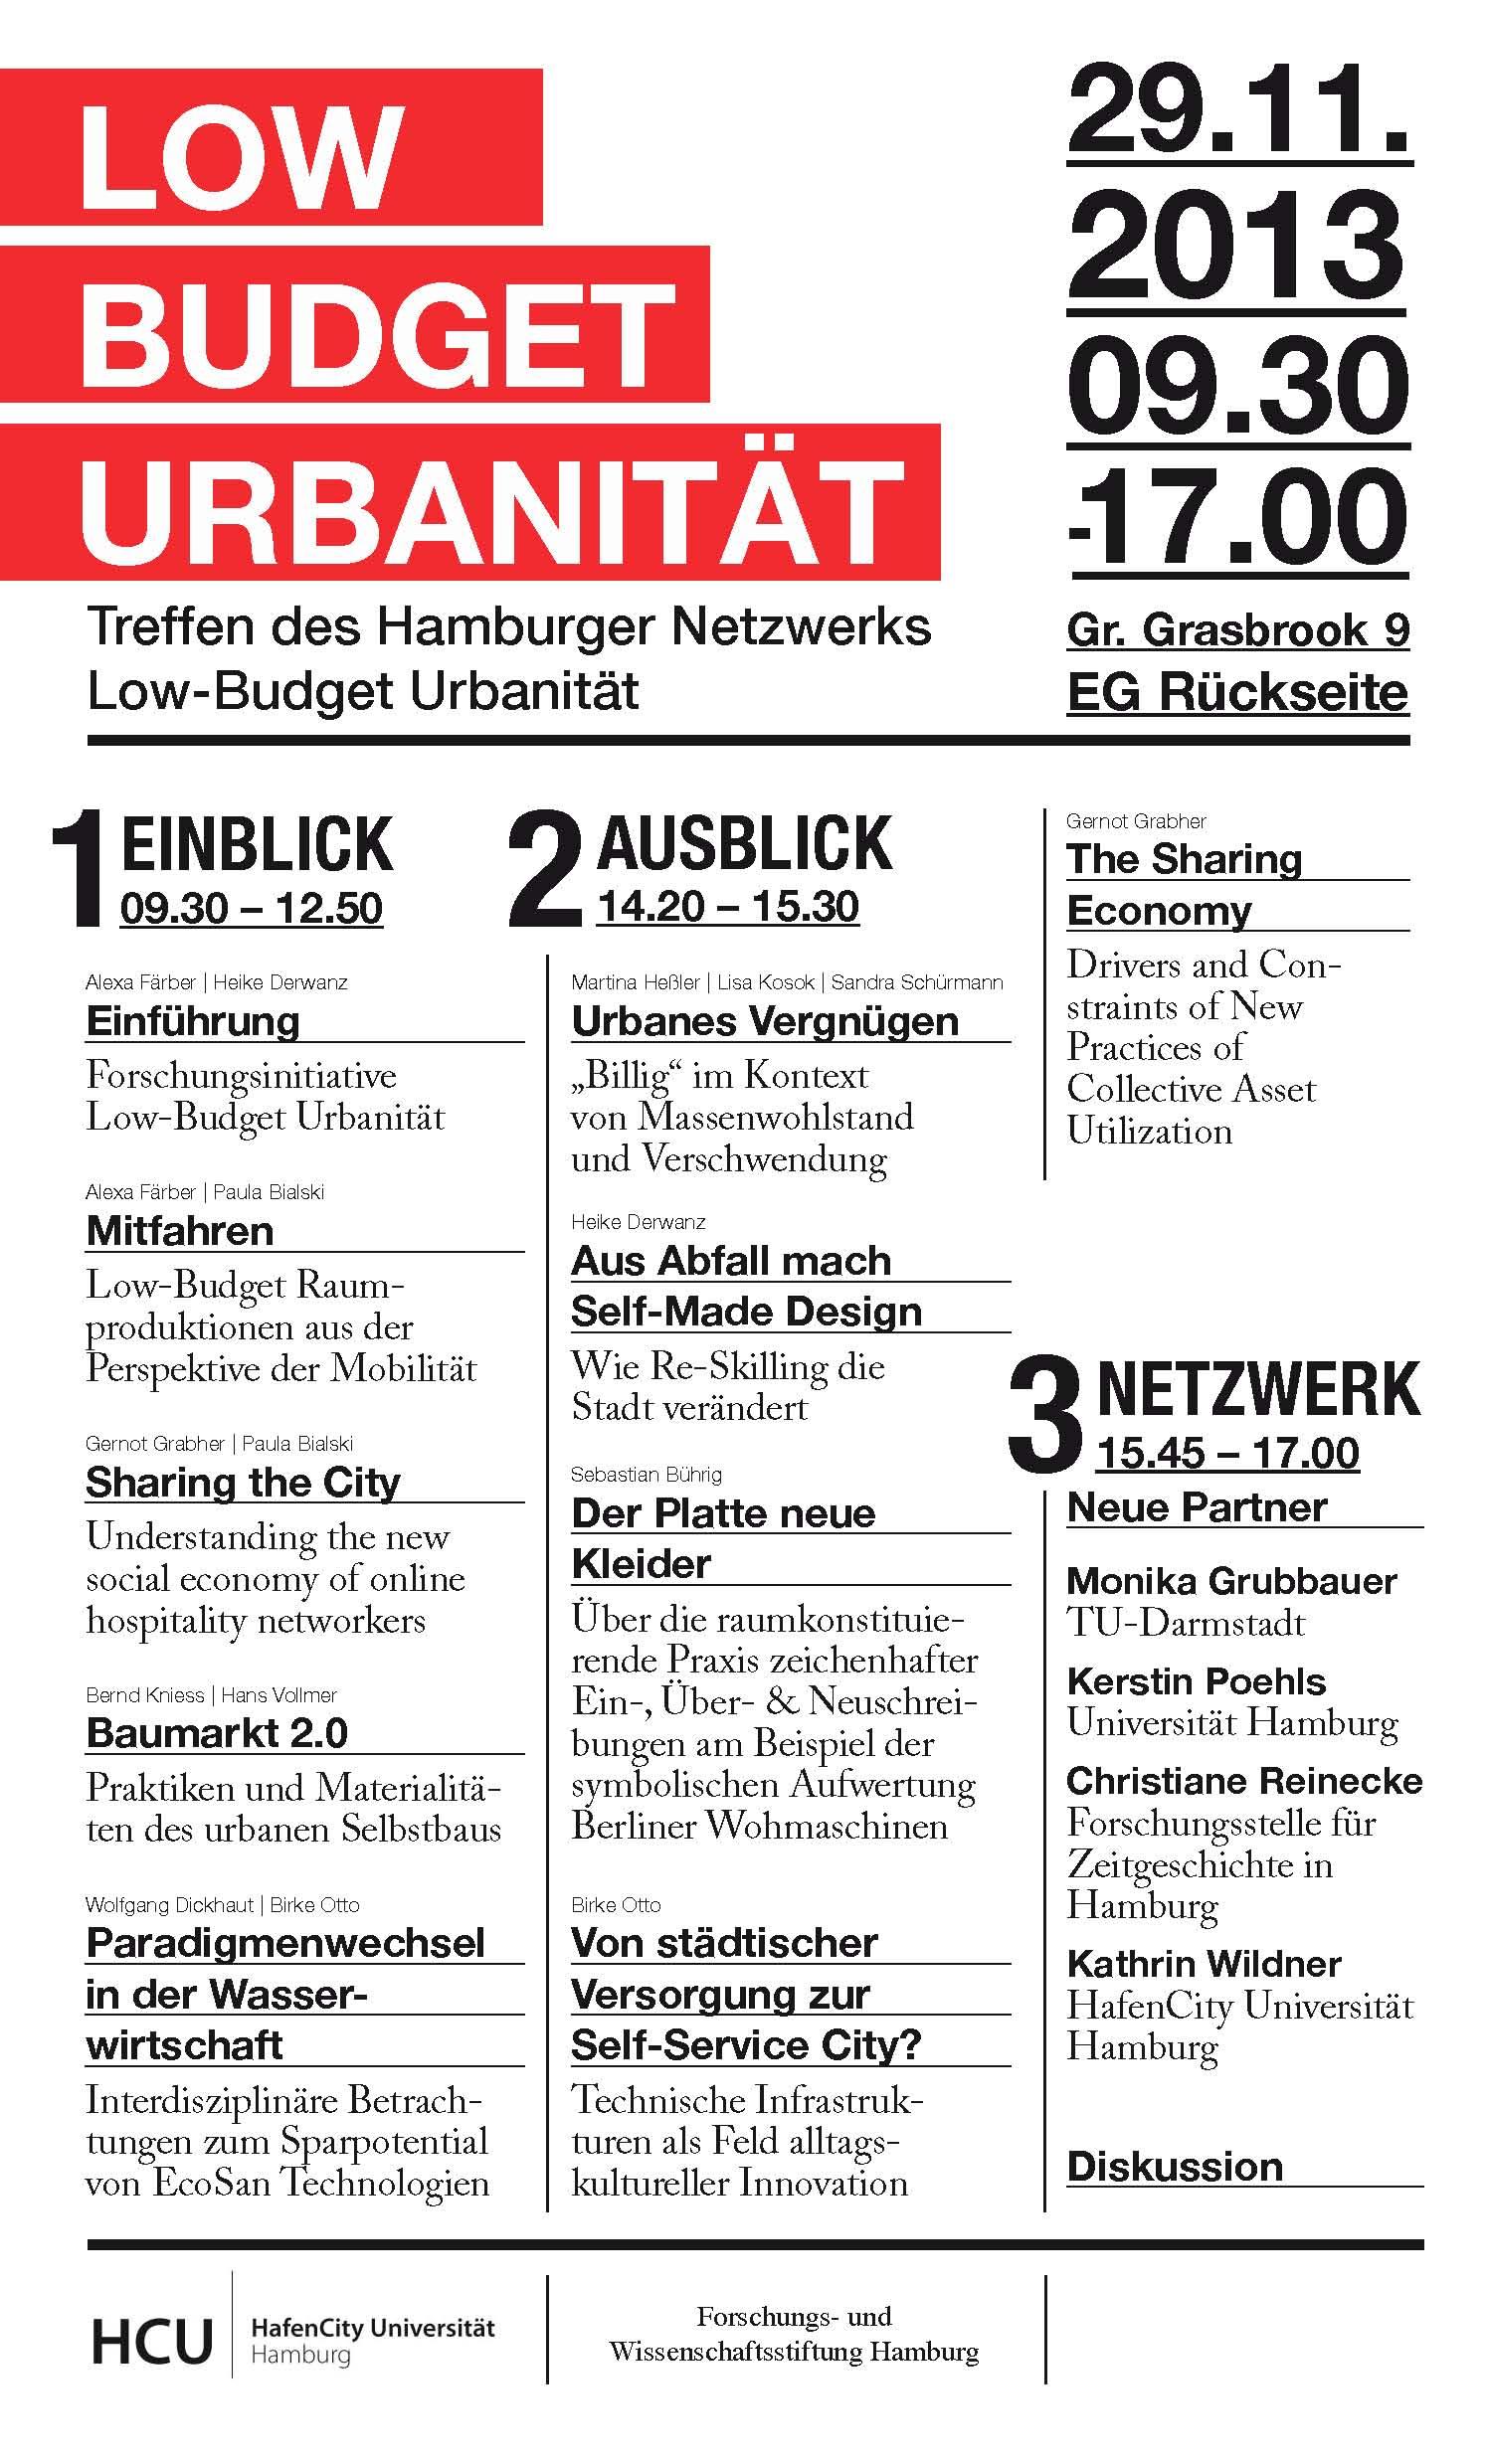 Low_Budget_Urbantitaet_29.11.13Workshop